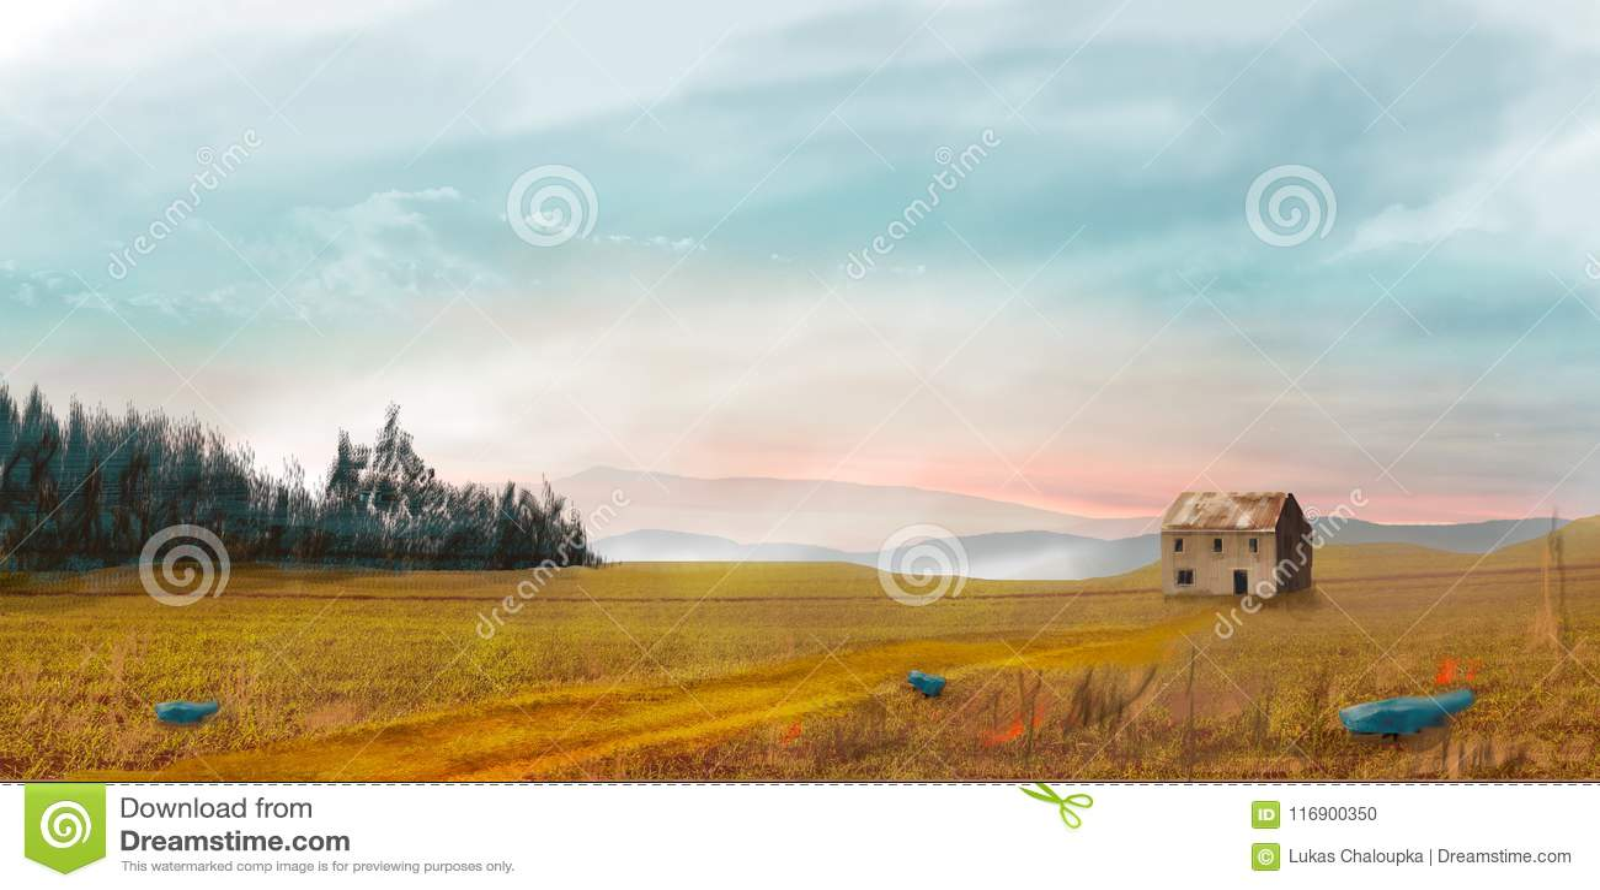 Ландшафт научной фантастики с домом, деревьями и небом, цифровой картиной